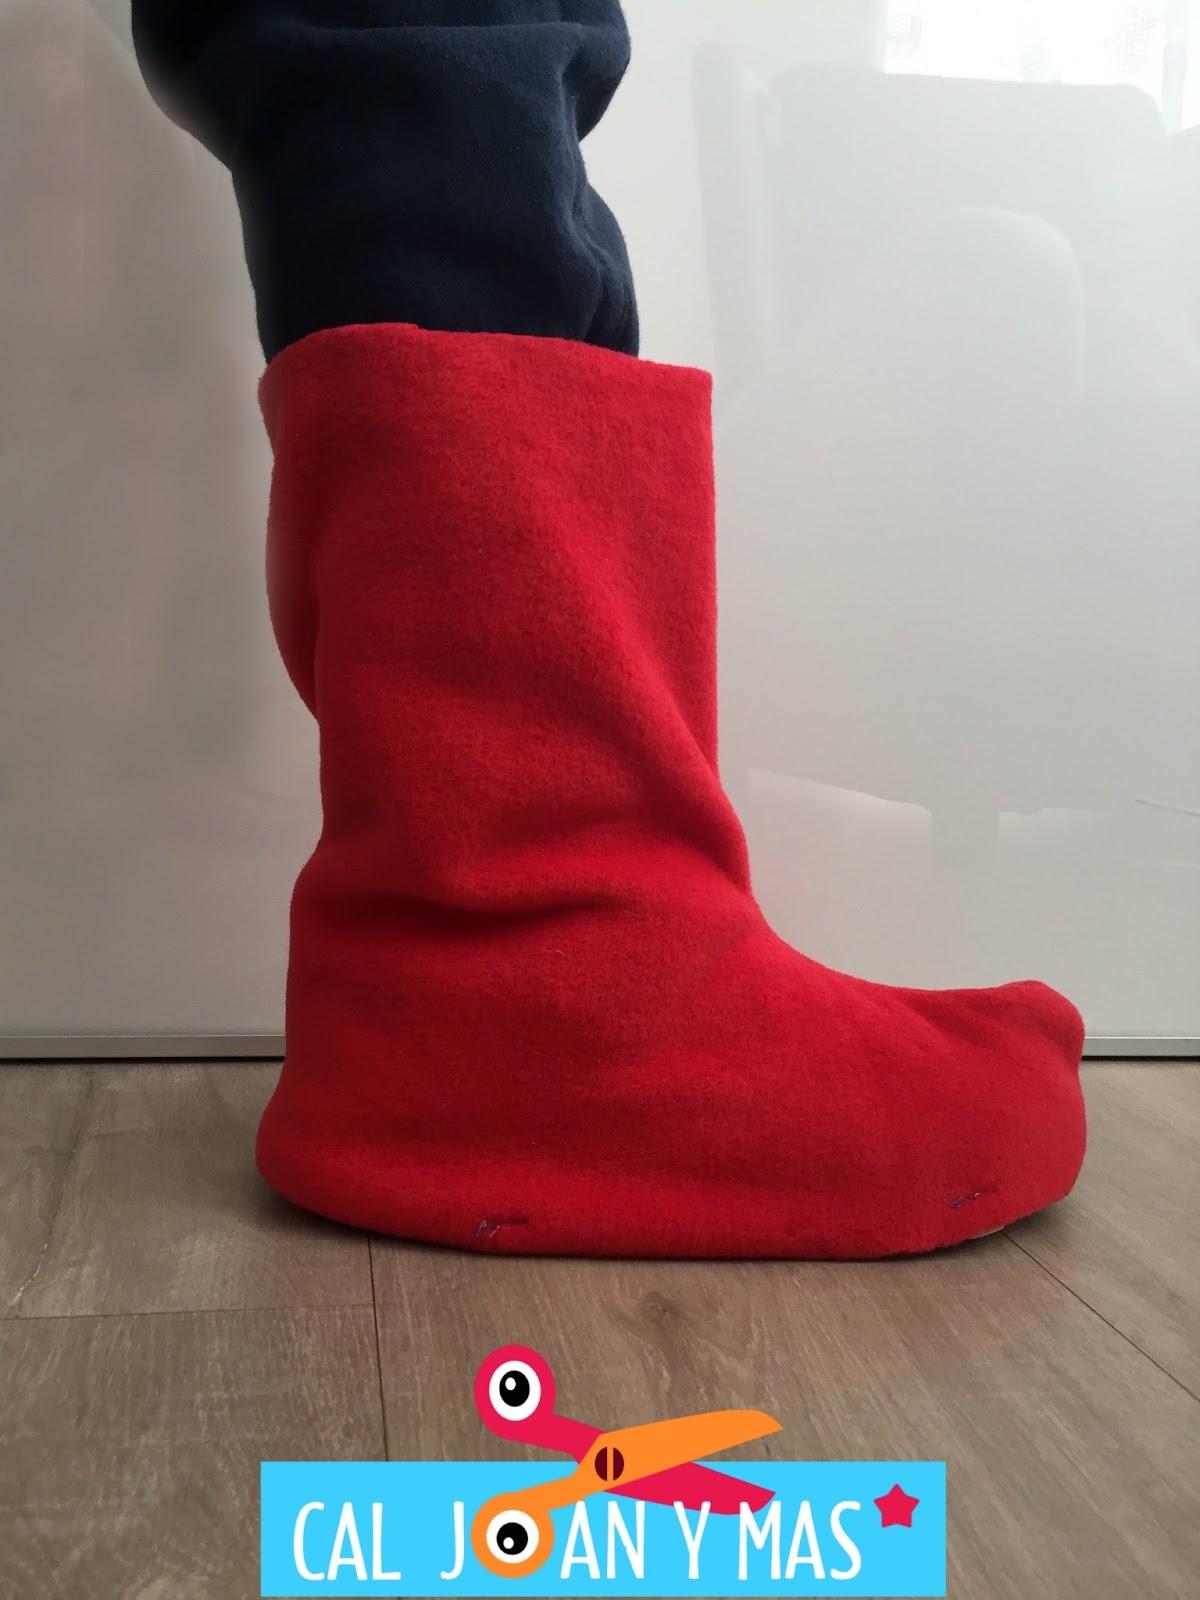 Cal joan y m s botas para disfraces - Fundas para zapatos ...